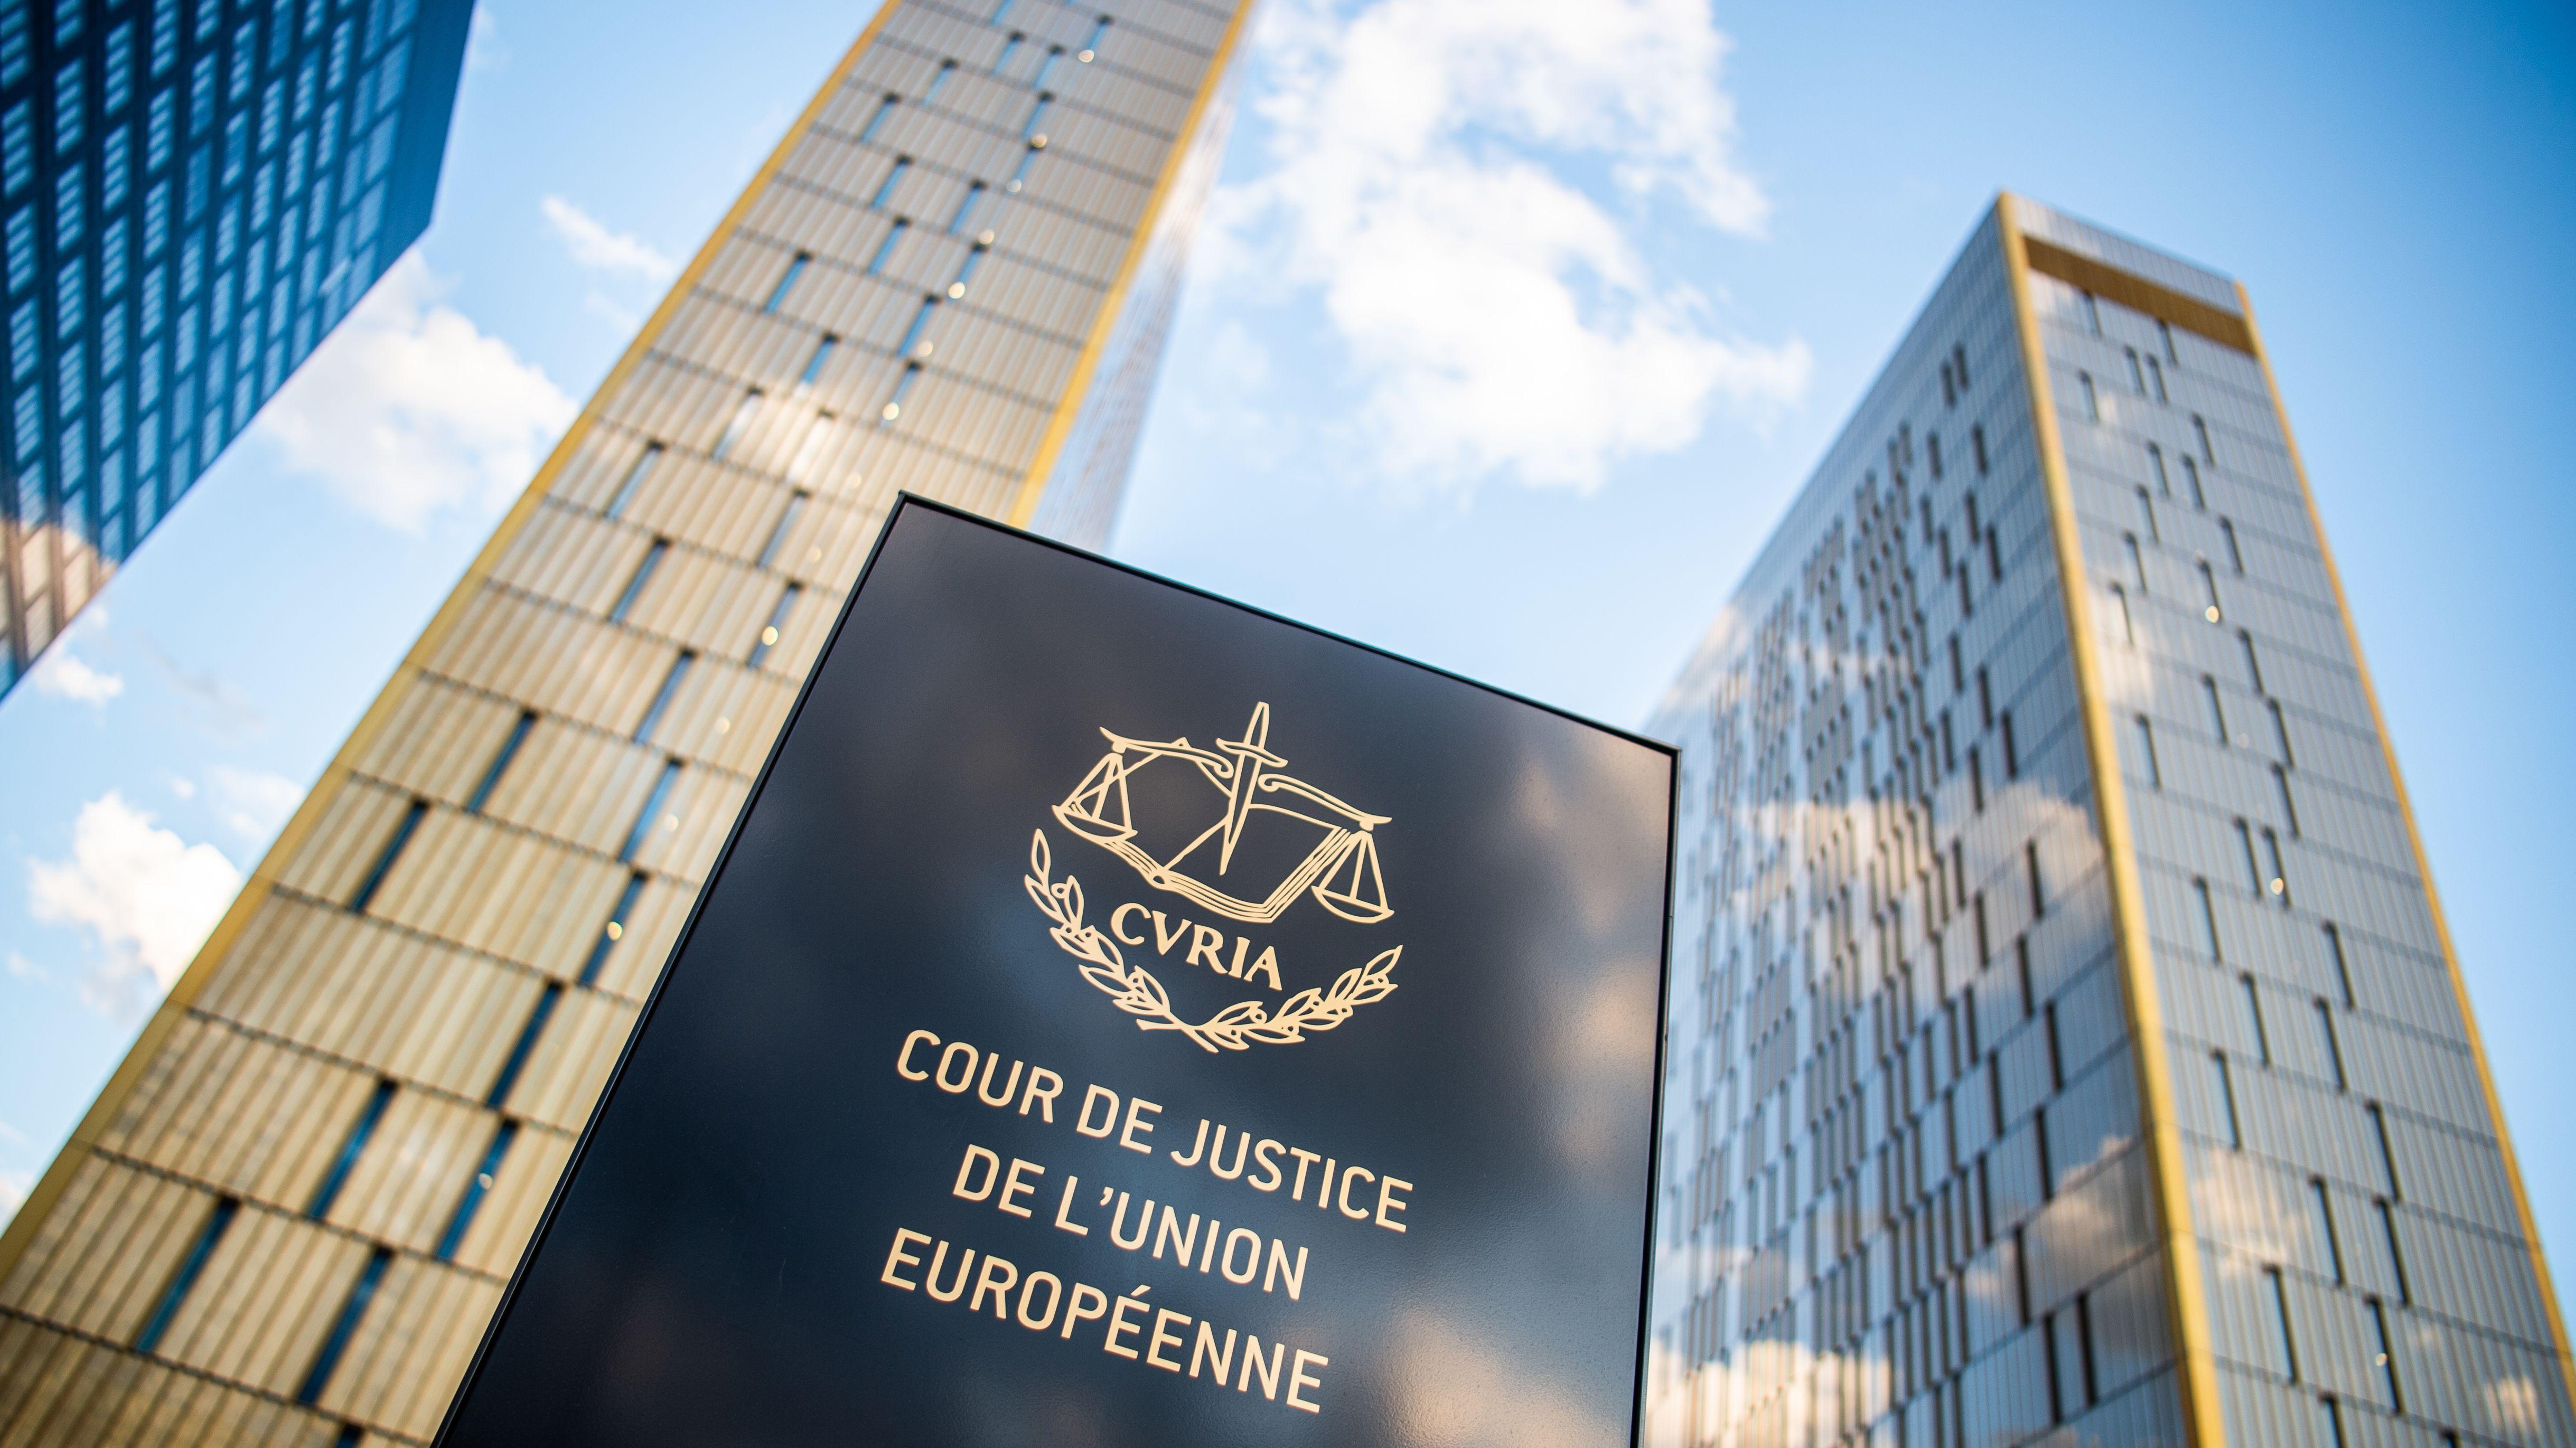 Hauschild vor dem Europäischen Gerichtshof in Luxemburg